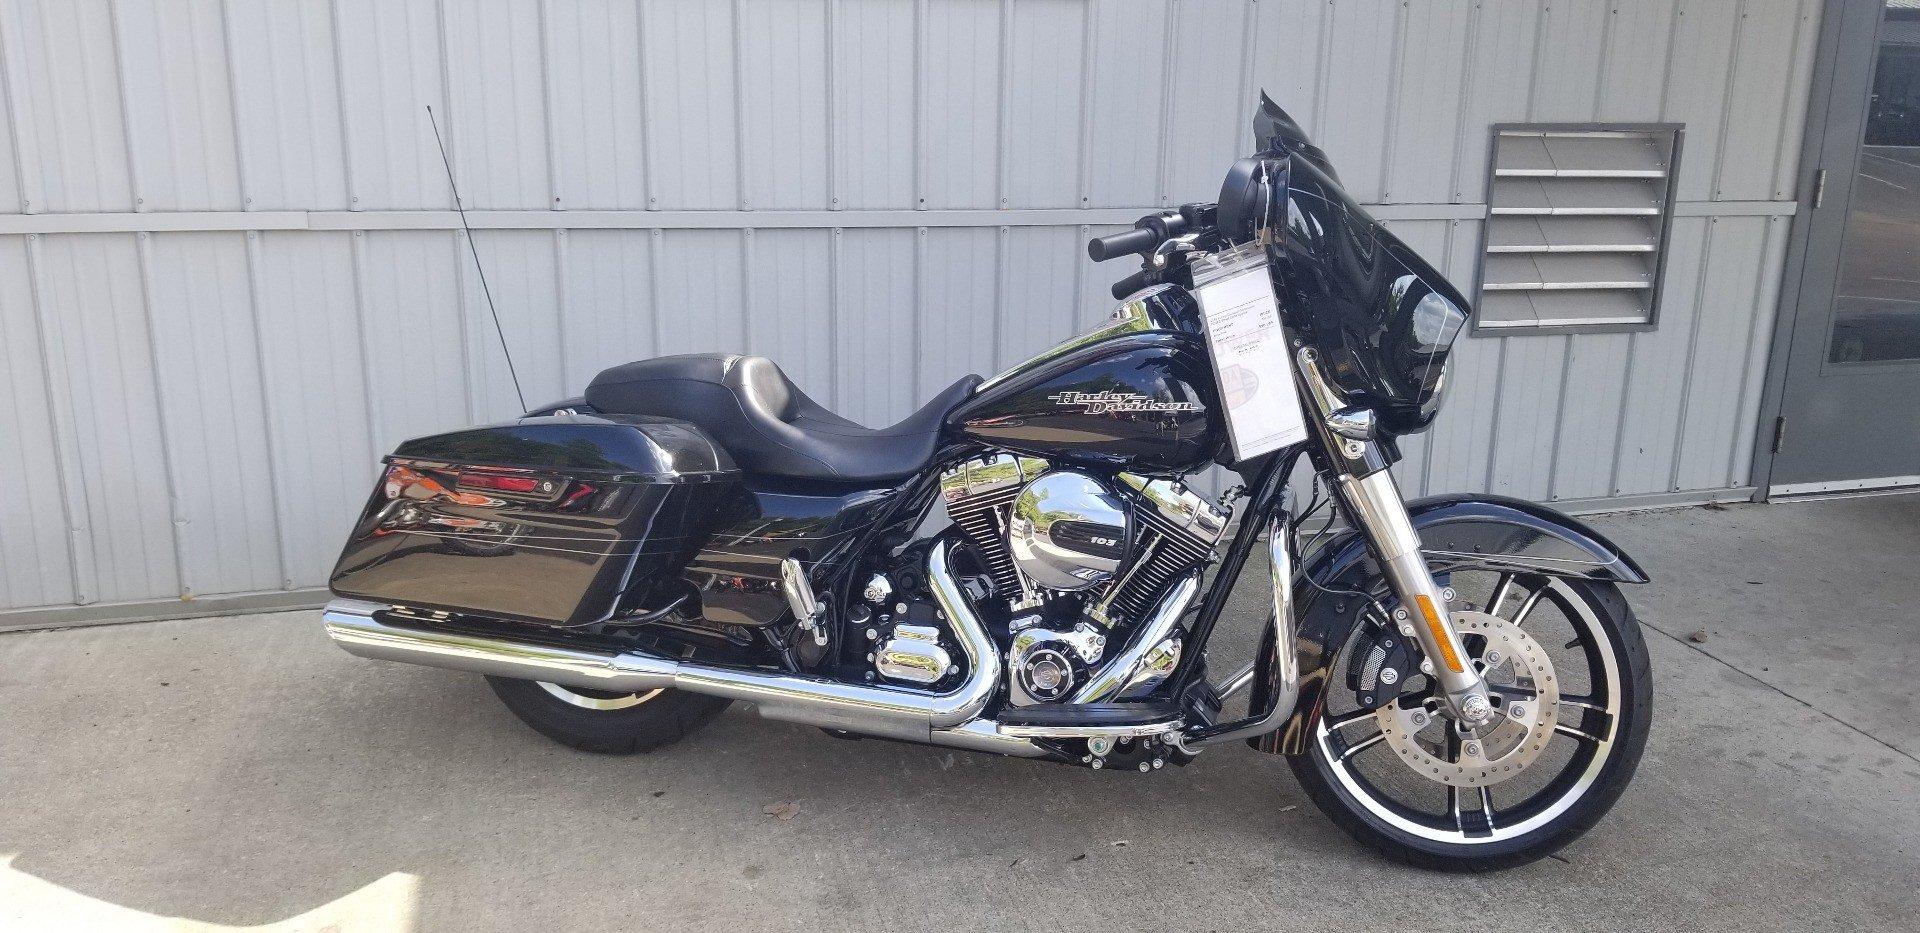 2016 Harley-Davidson Street Glide Special for sale 36940